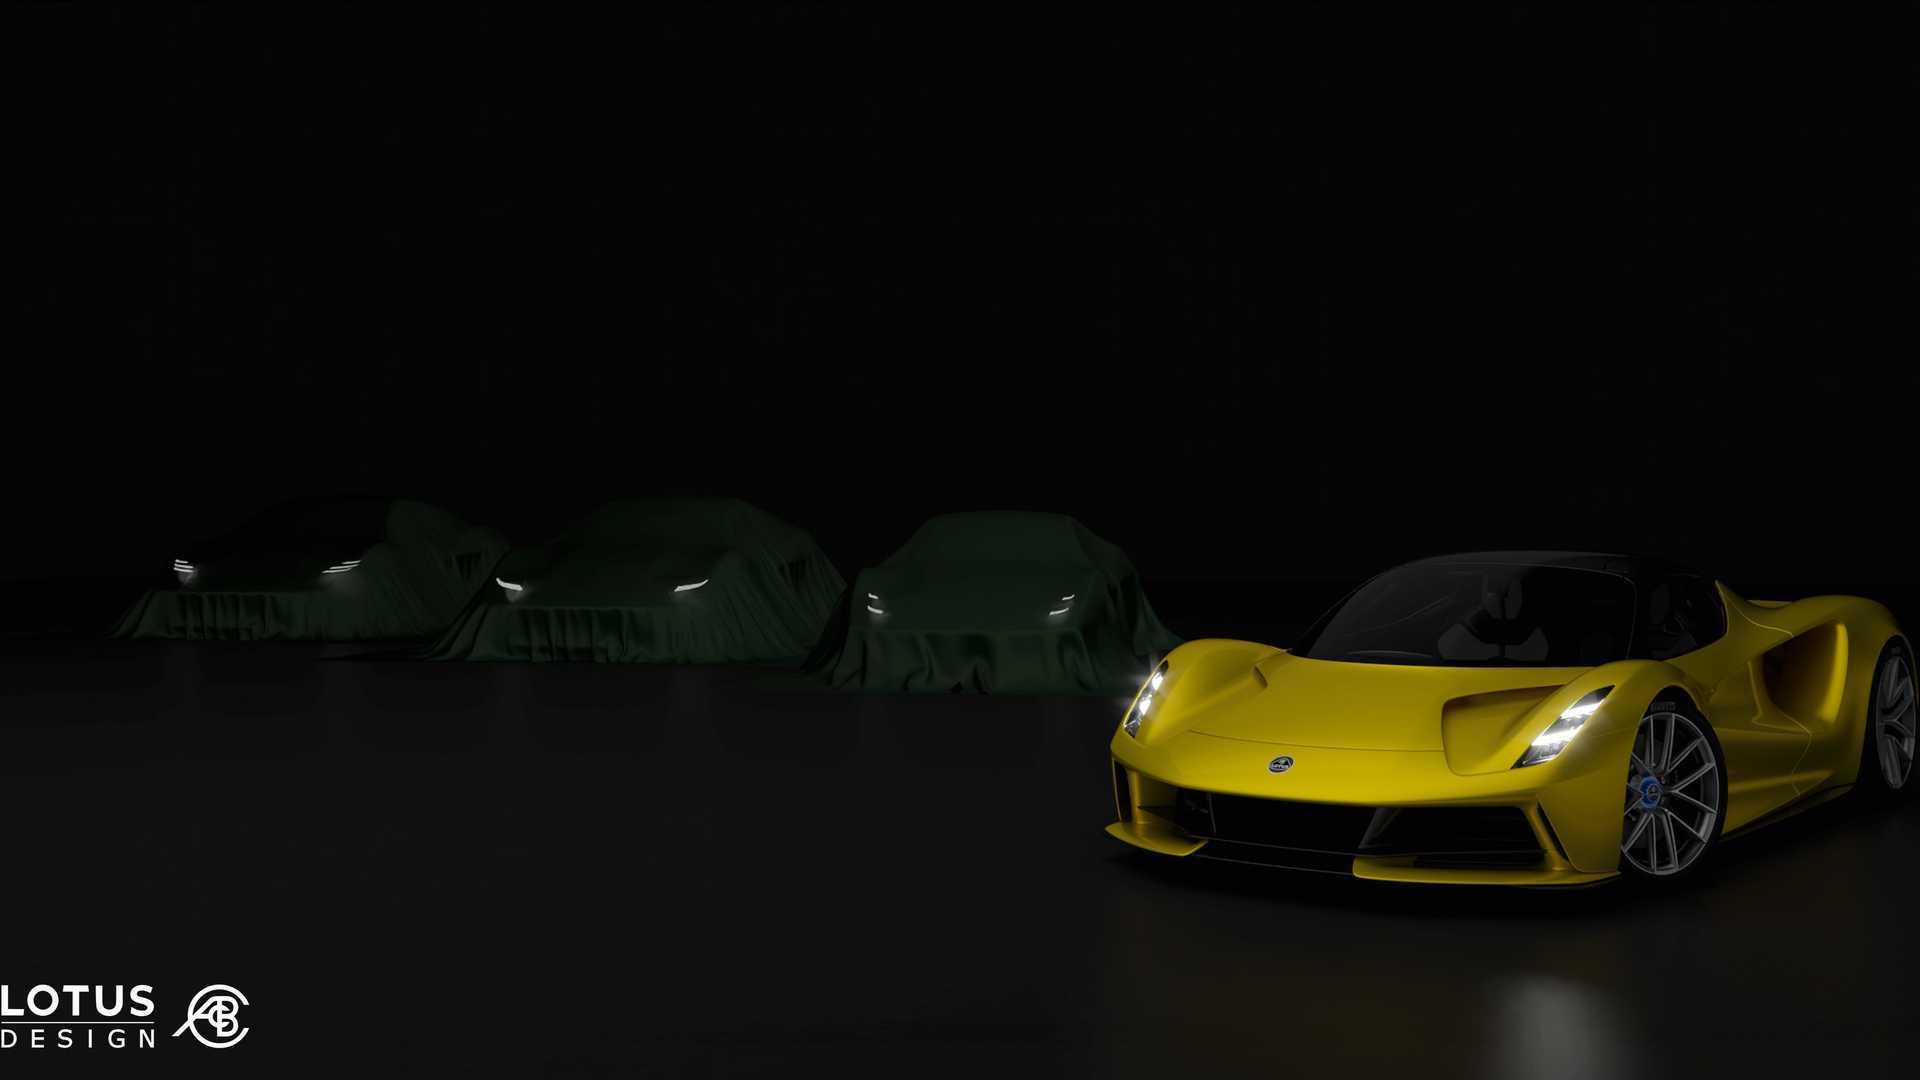 Lotus дразнит новый спортивный автомобиль, который заменит Elise, Exige и Evora